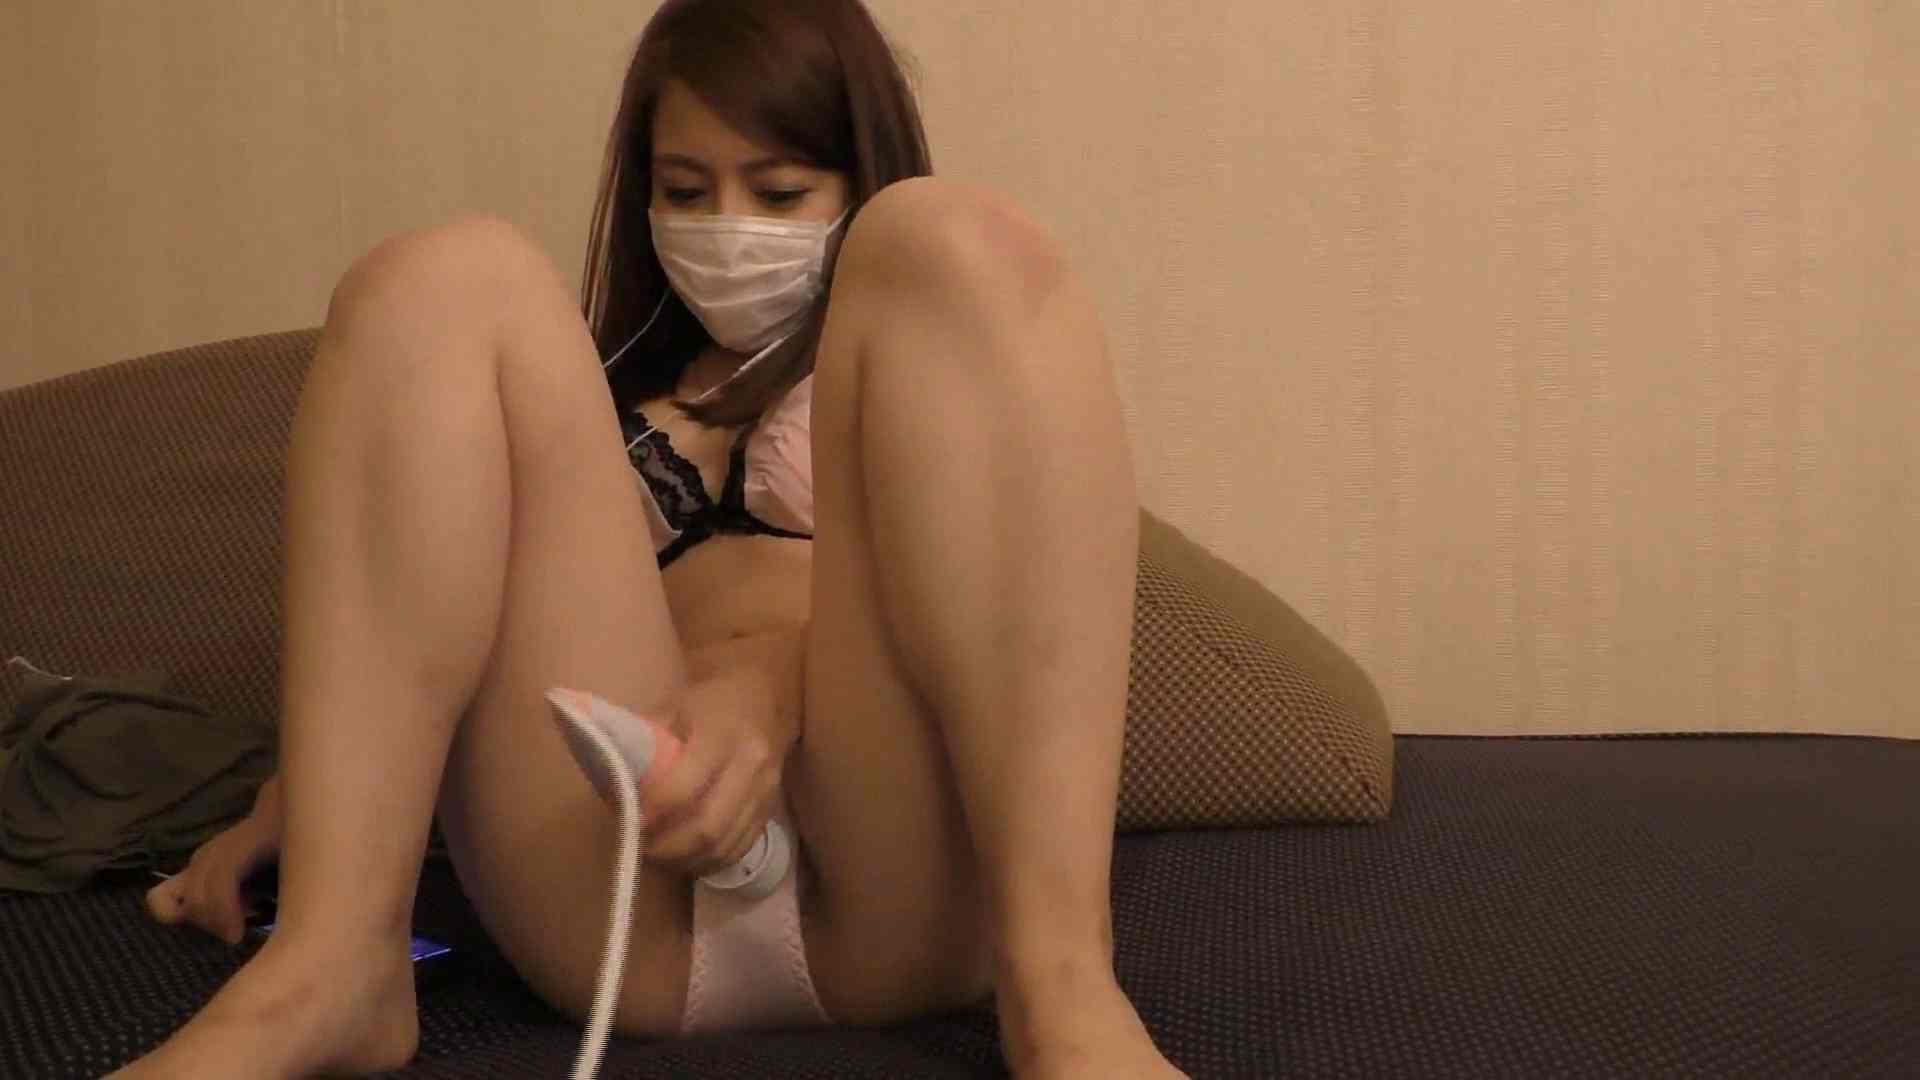 素人S級美女特選!小悪魔ギャル噂のビッチガールVol.19 一般投稿  107pic 14